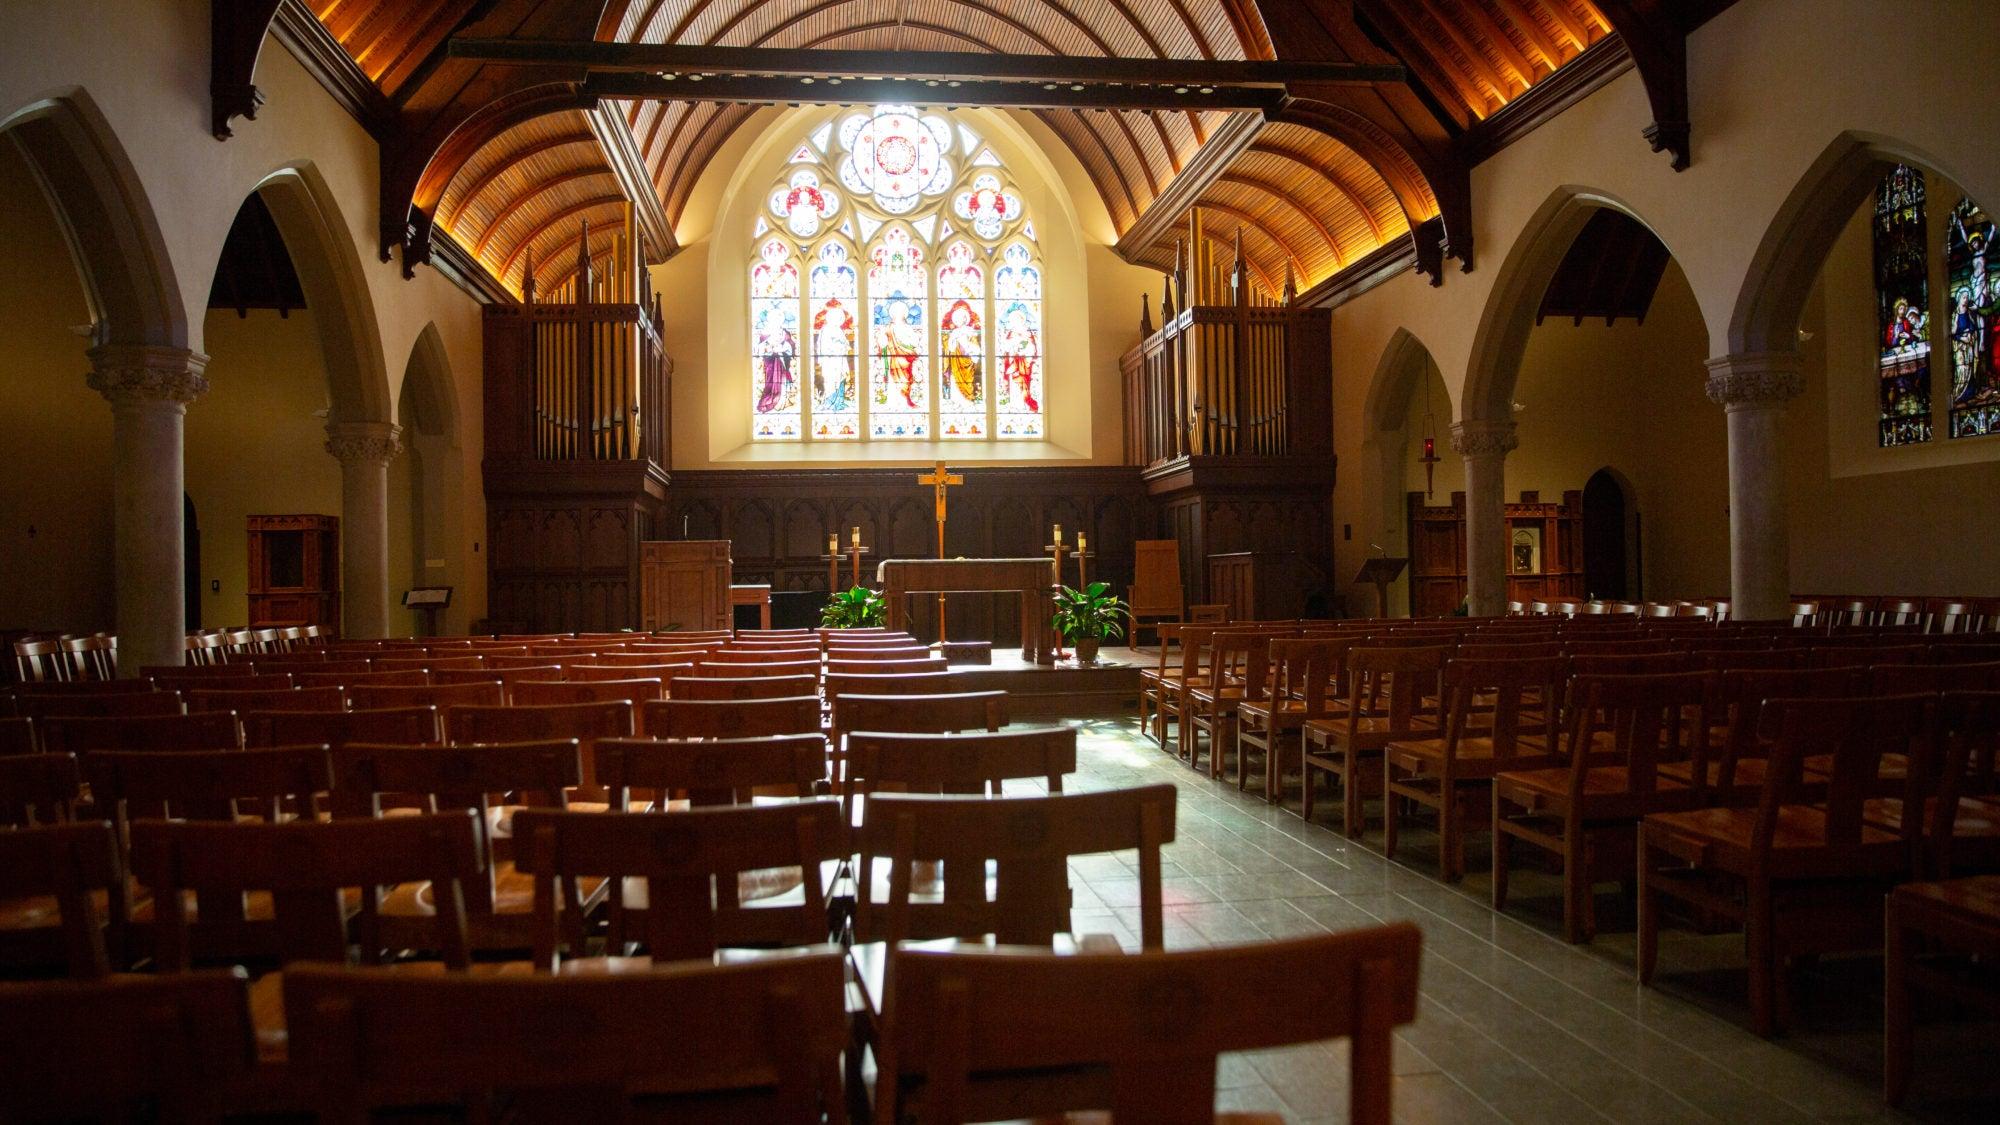 Rows of pews inside of Georgetown's Dahlgren Chapel.